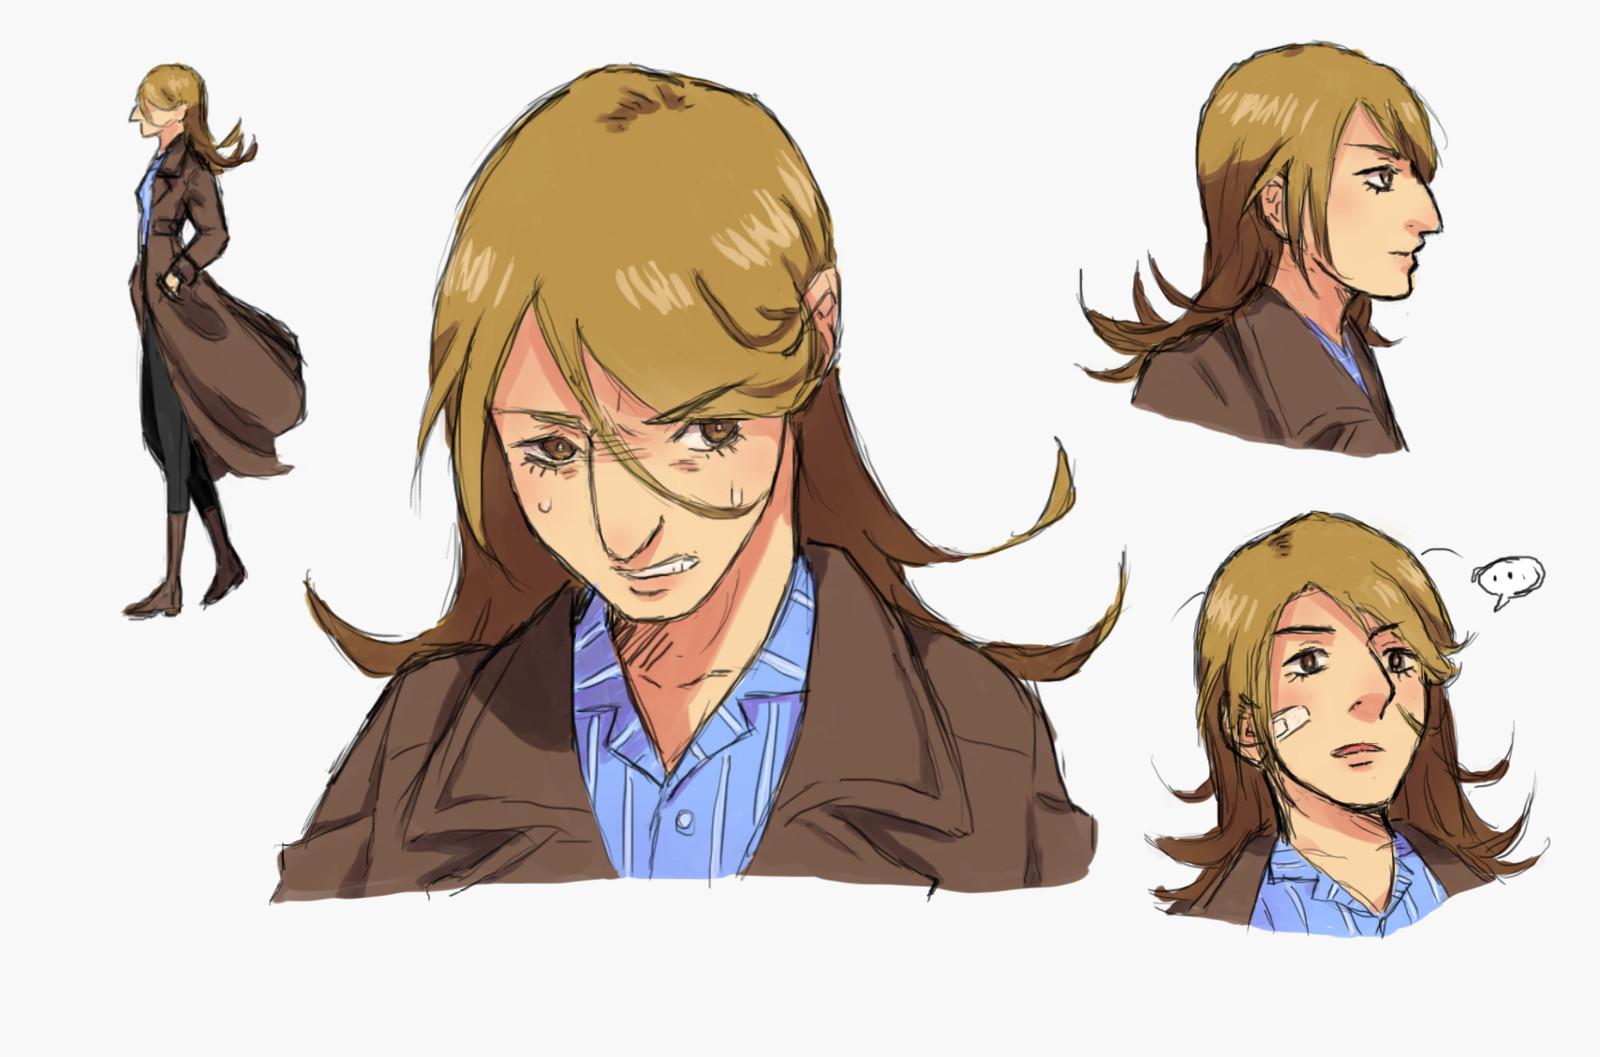 Detective Harrier